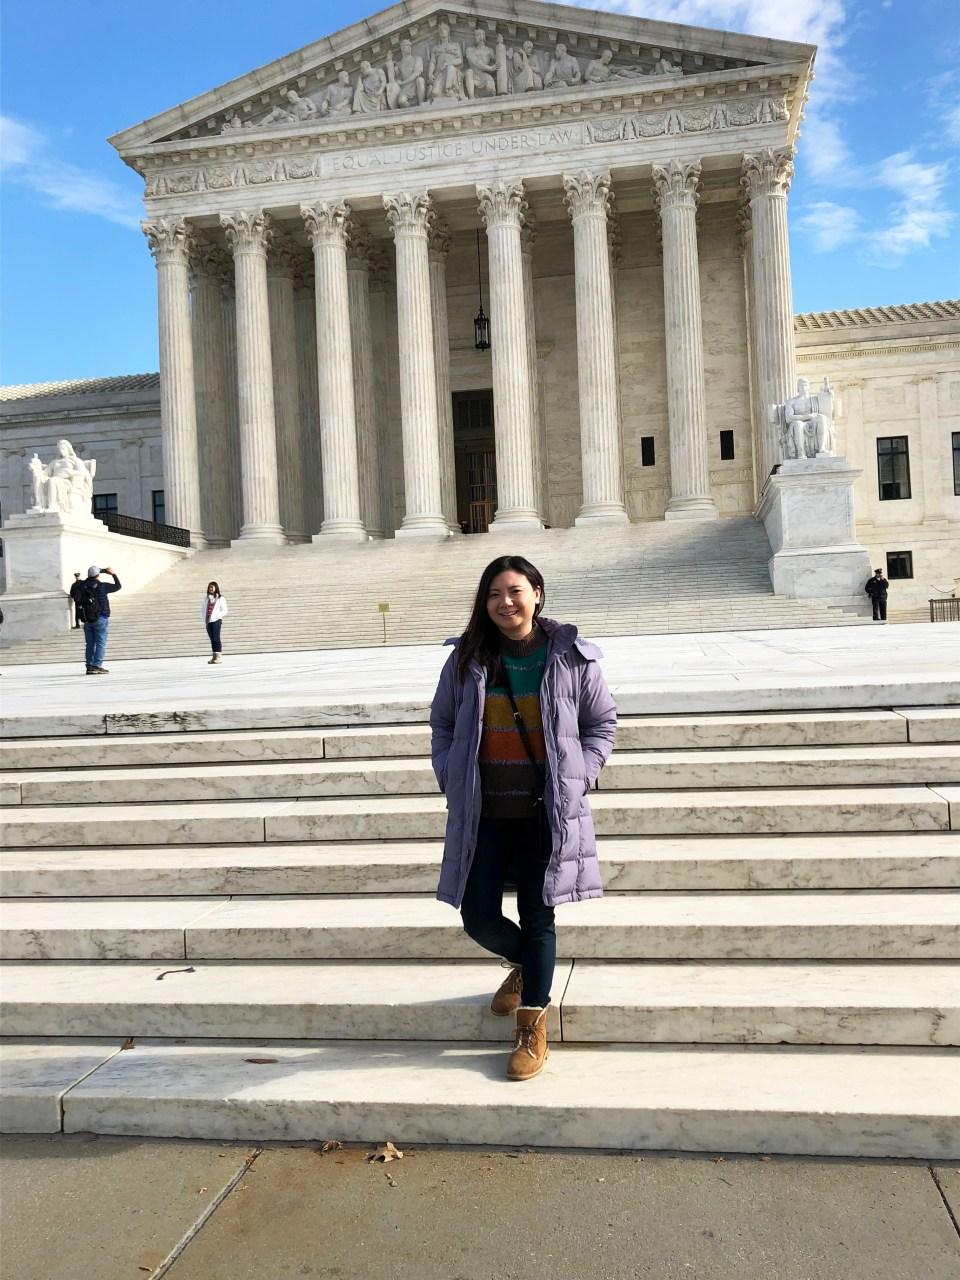 Washington DC - Supreme Court Building 2